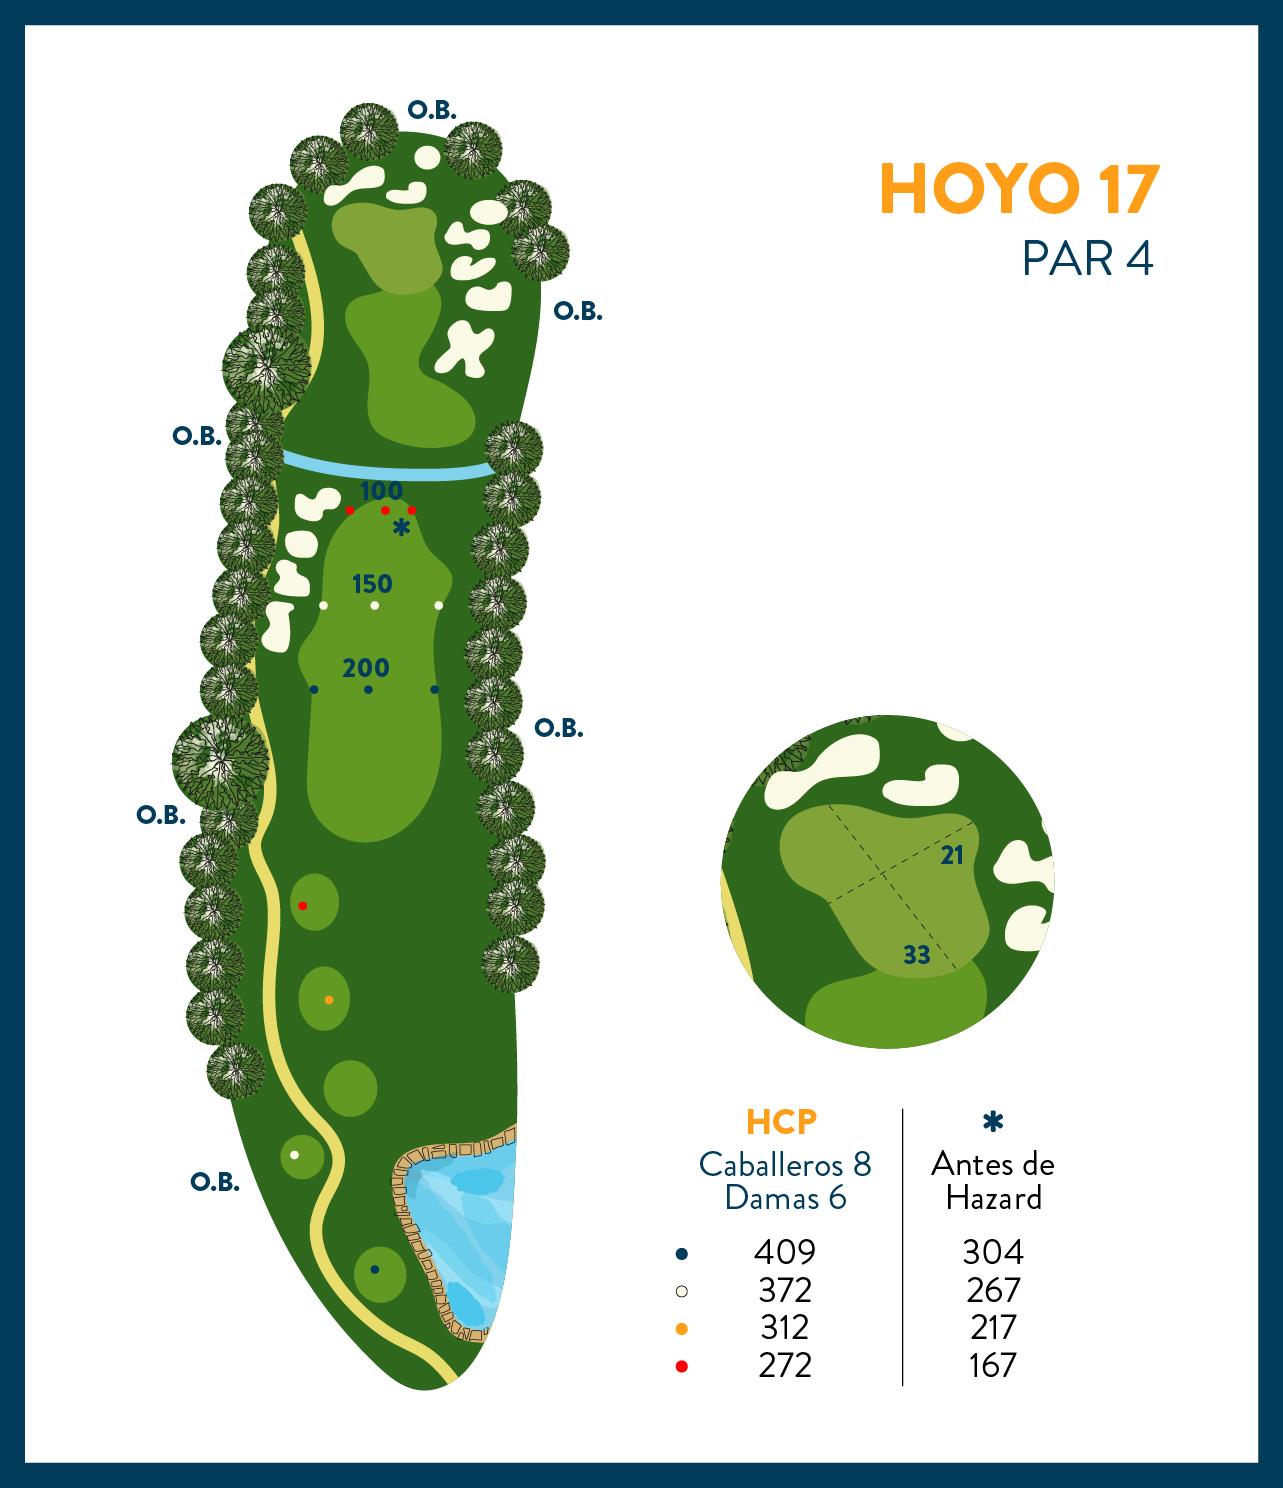 LH_hoyos-17